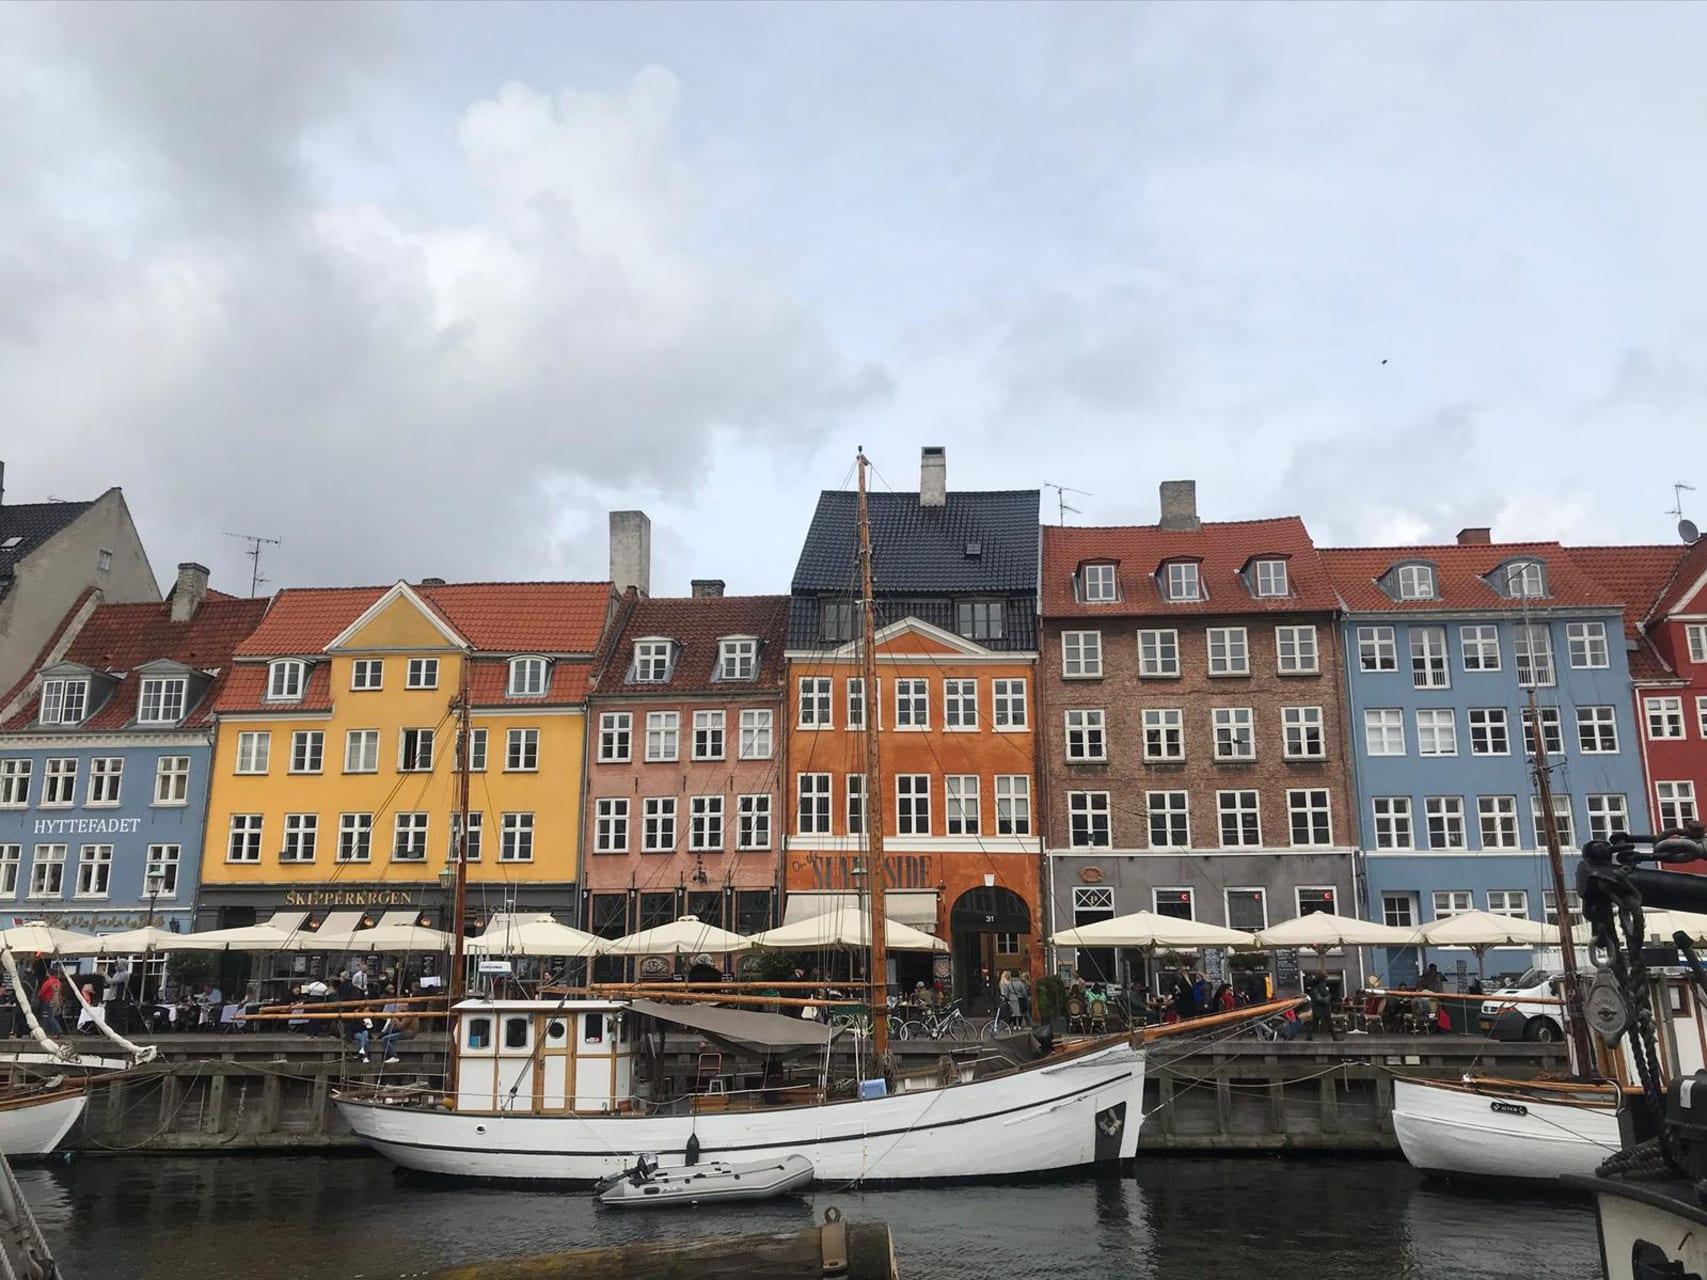 Copenhagen - To wonderful, wonderful Copenhagen Salty old queen of the sea